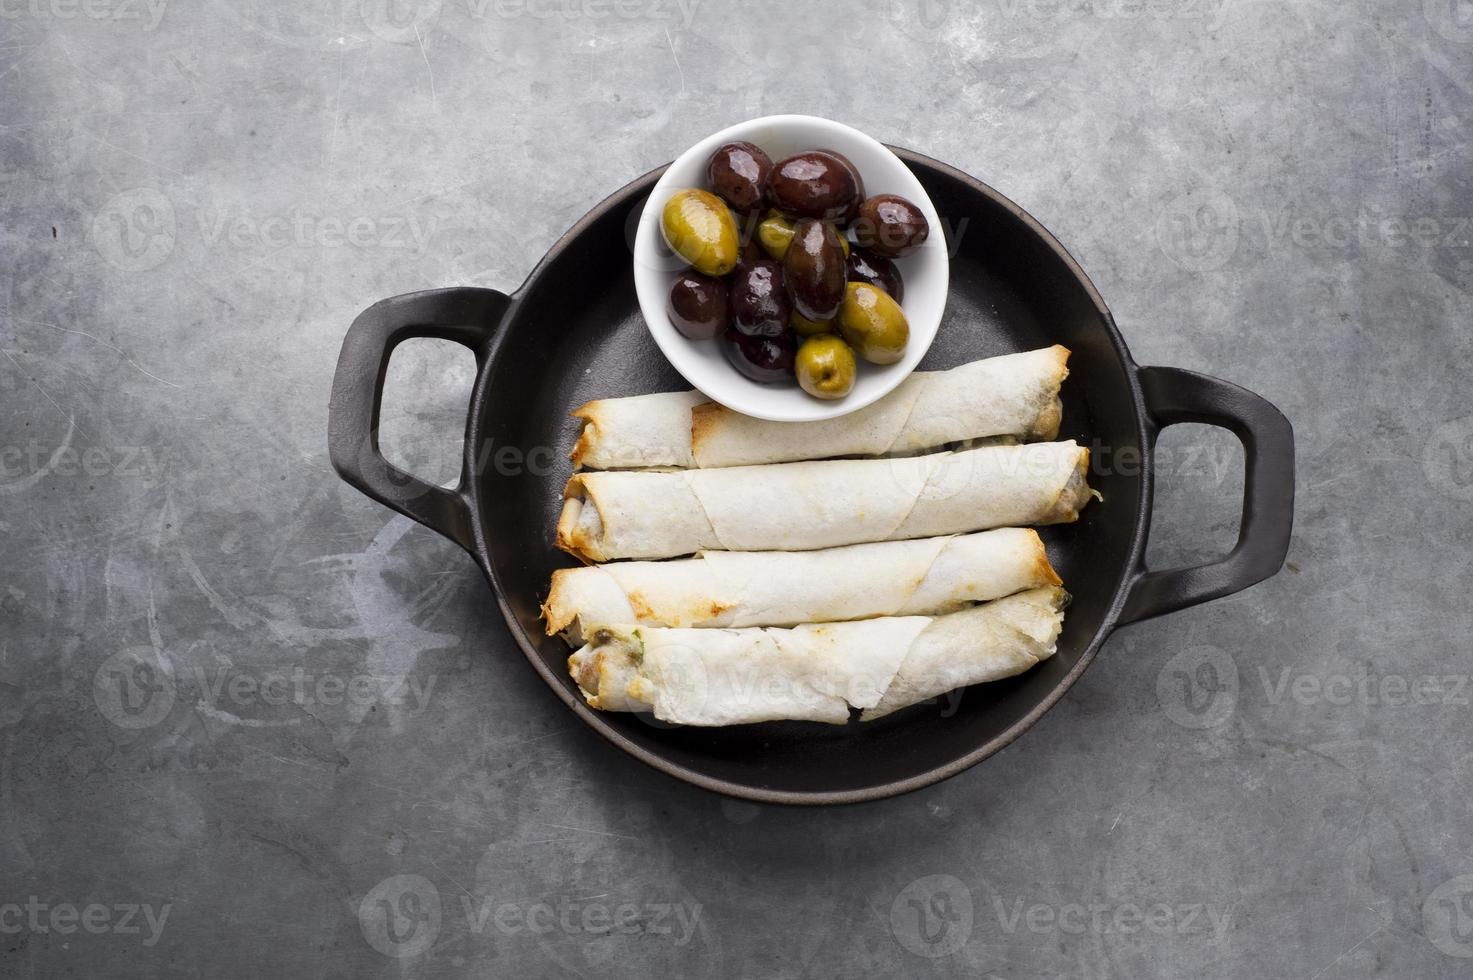 Plato de rollitos de queso con aceitunas servido en una sartén negra foto